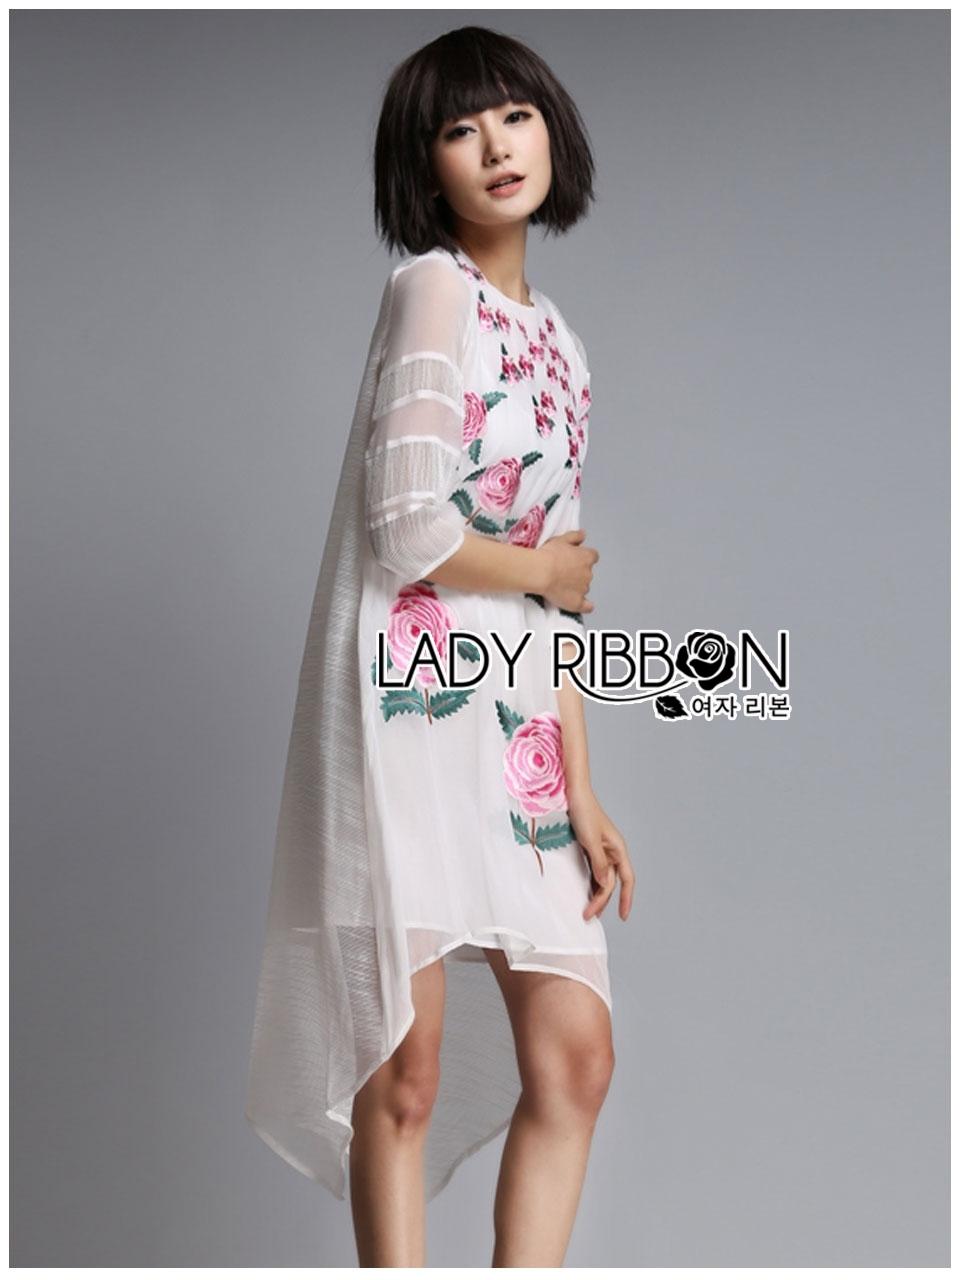 ชุดเดรสเกาหลีพร้อมส่ง เดรสสีขาวปักลายดอกกุหลาบอังกฤษสีชมพู